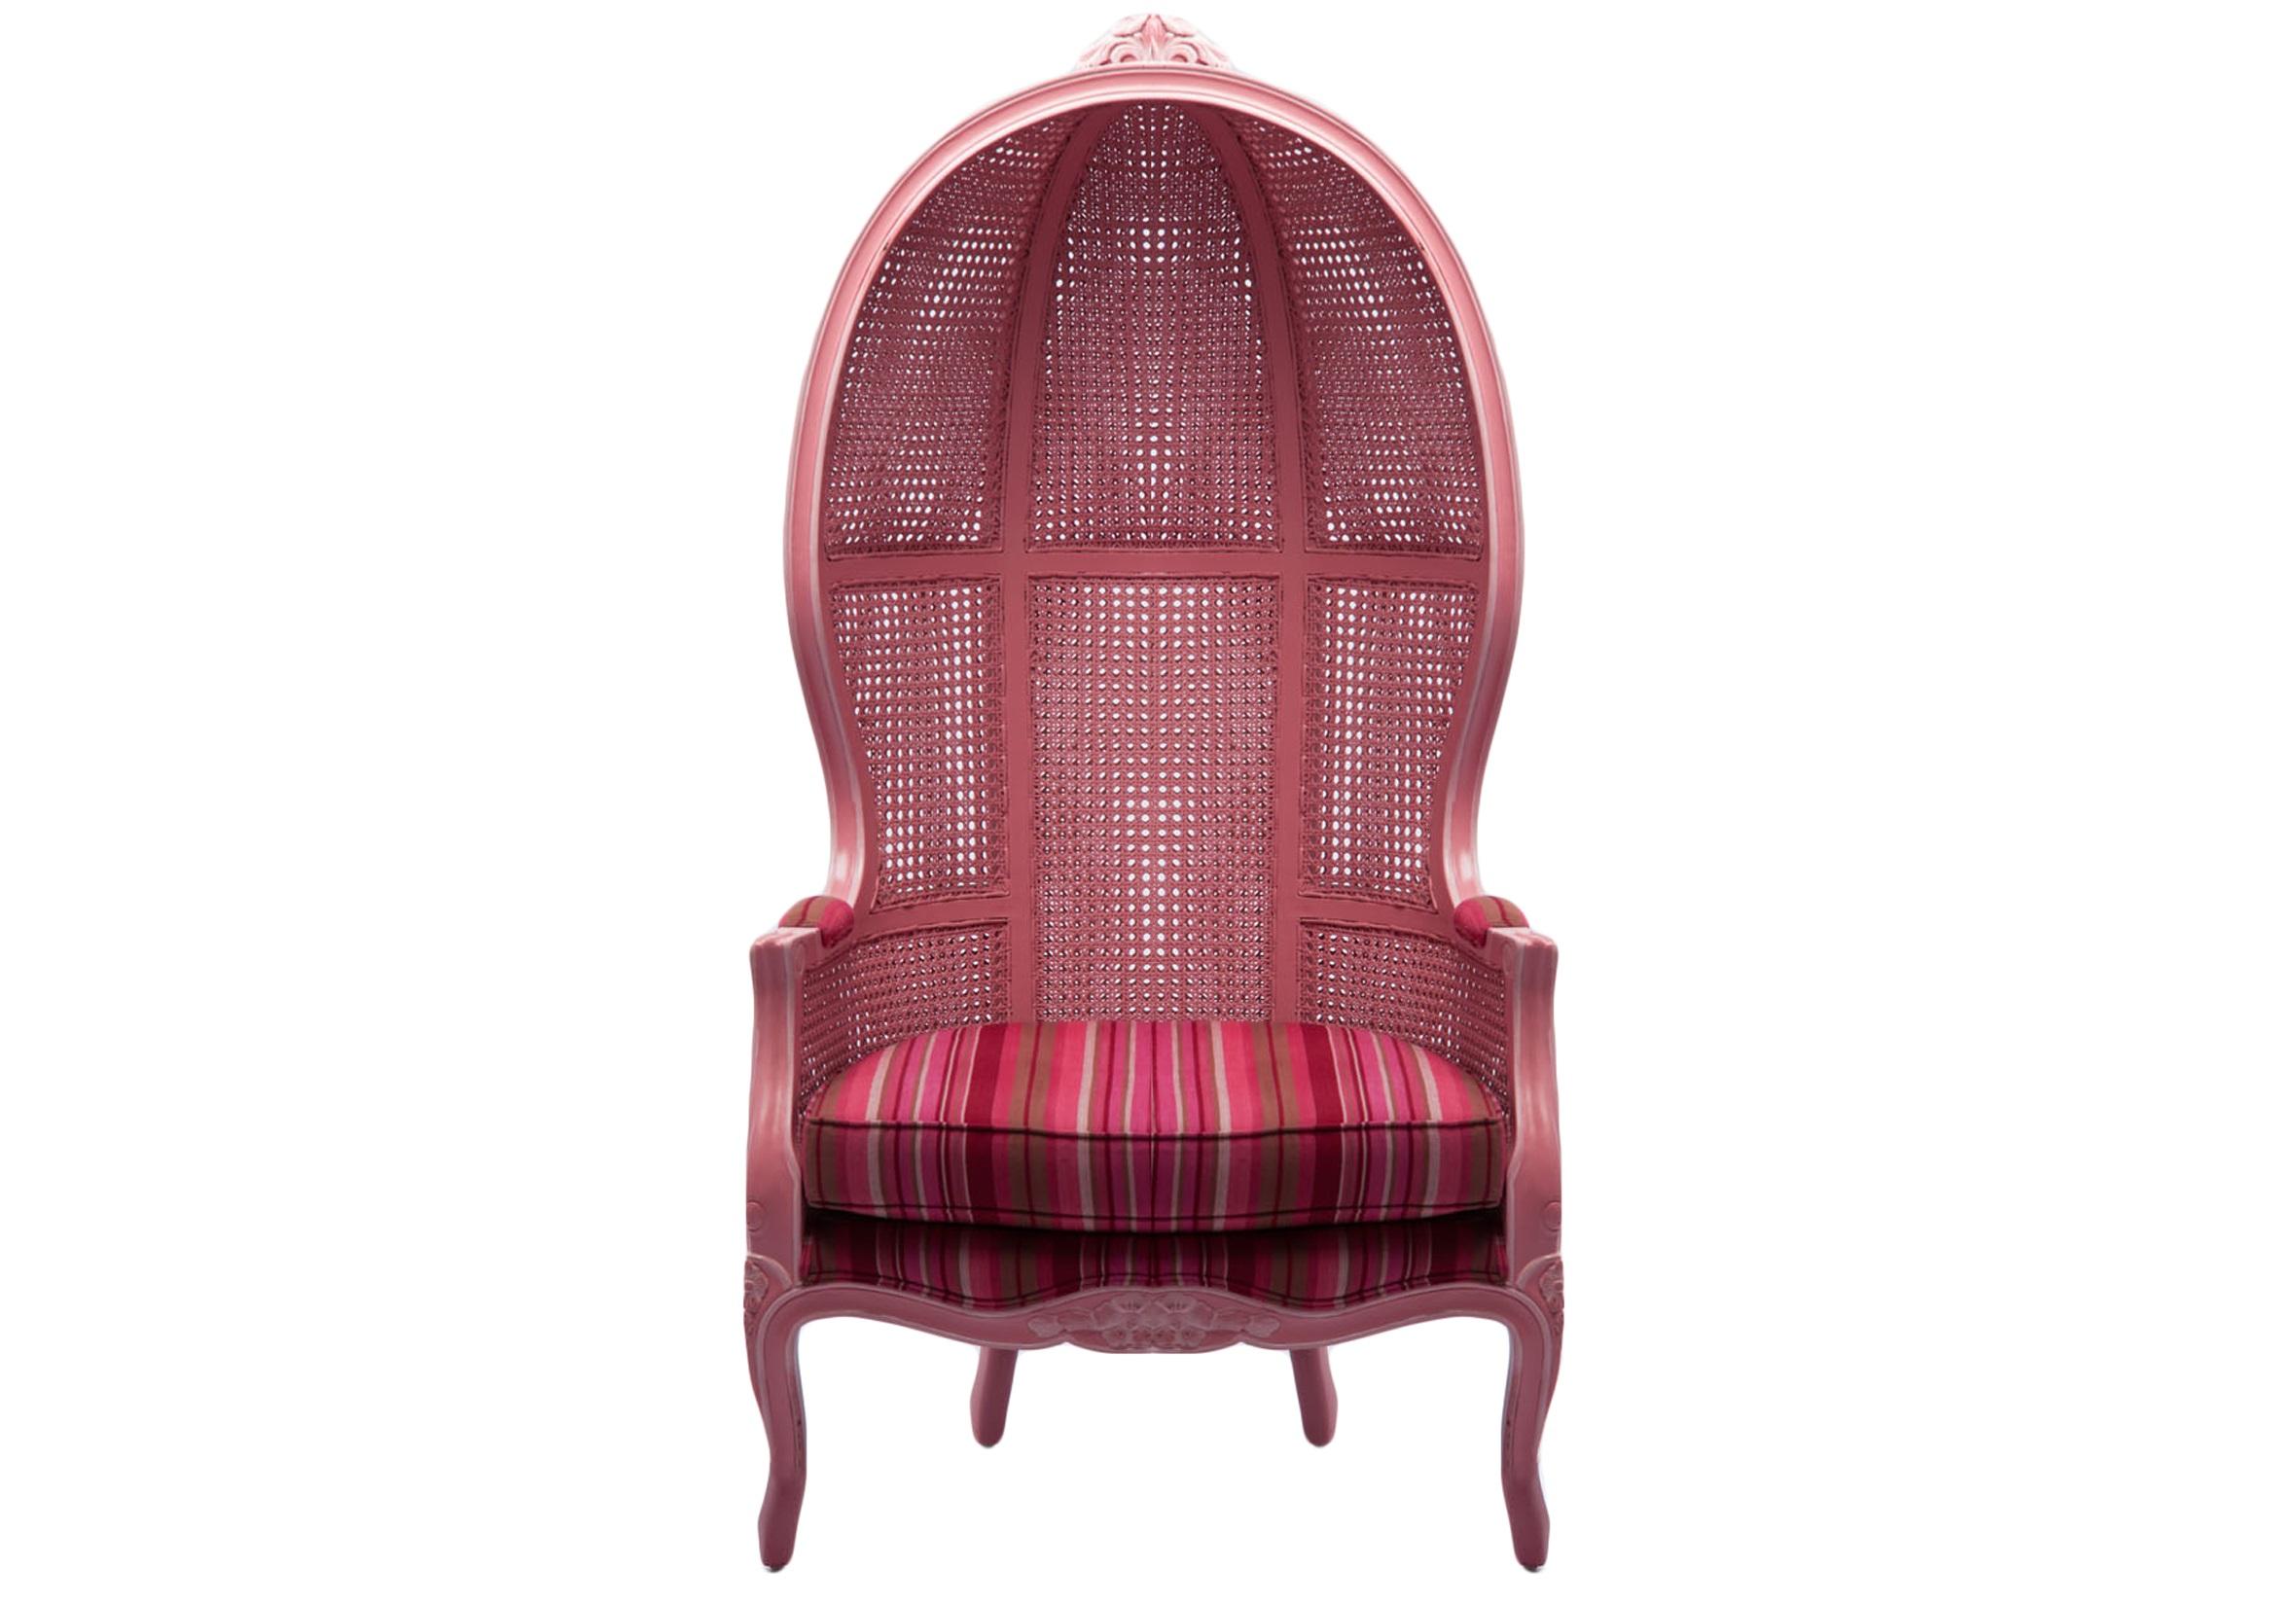 Кресло ПараболаКресла с высокой спинкой<br>Кресло-купол из дерева махагони, украшено резьбой. Спинка декорирована вставками из ротанга.<br><br>Material: Красное дерево<br>Width см: 77<br>Depth см: 73<br>Height см: 153